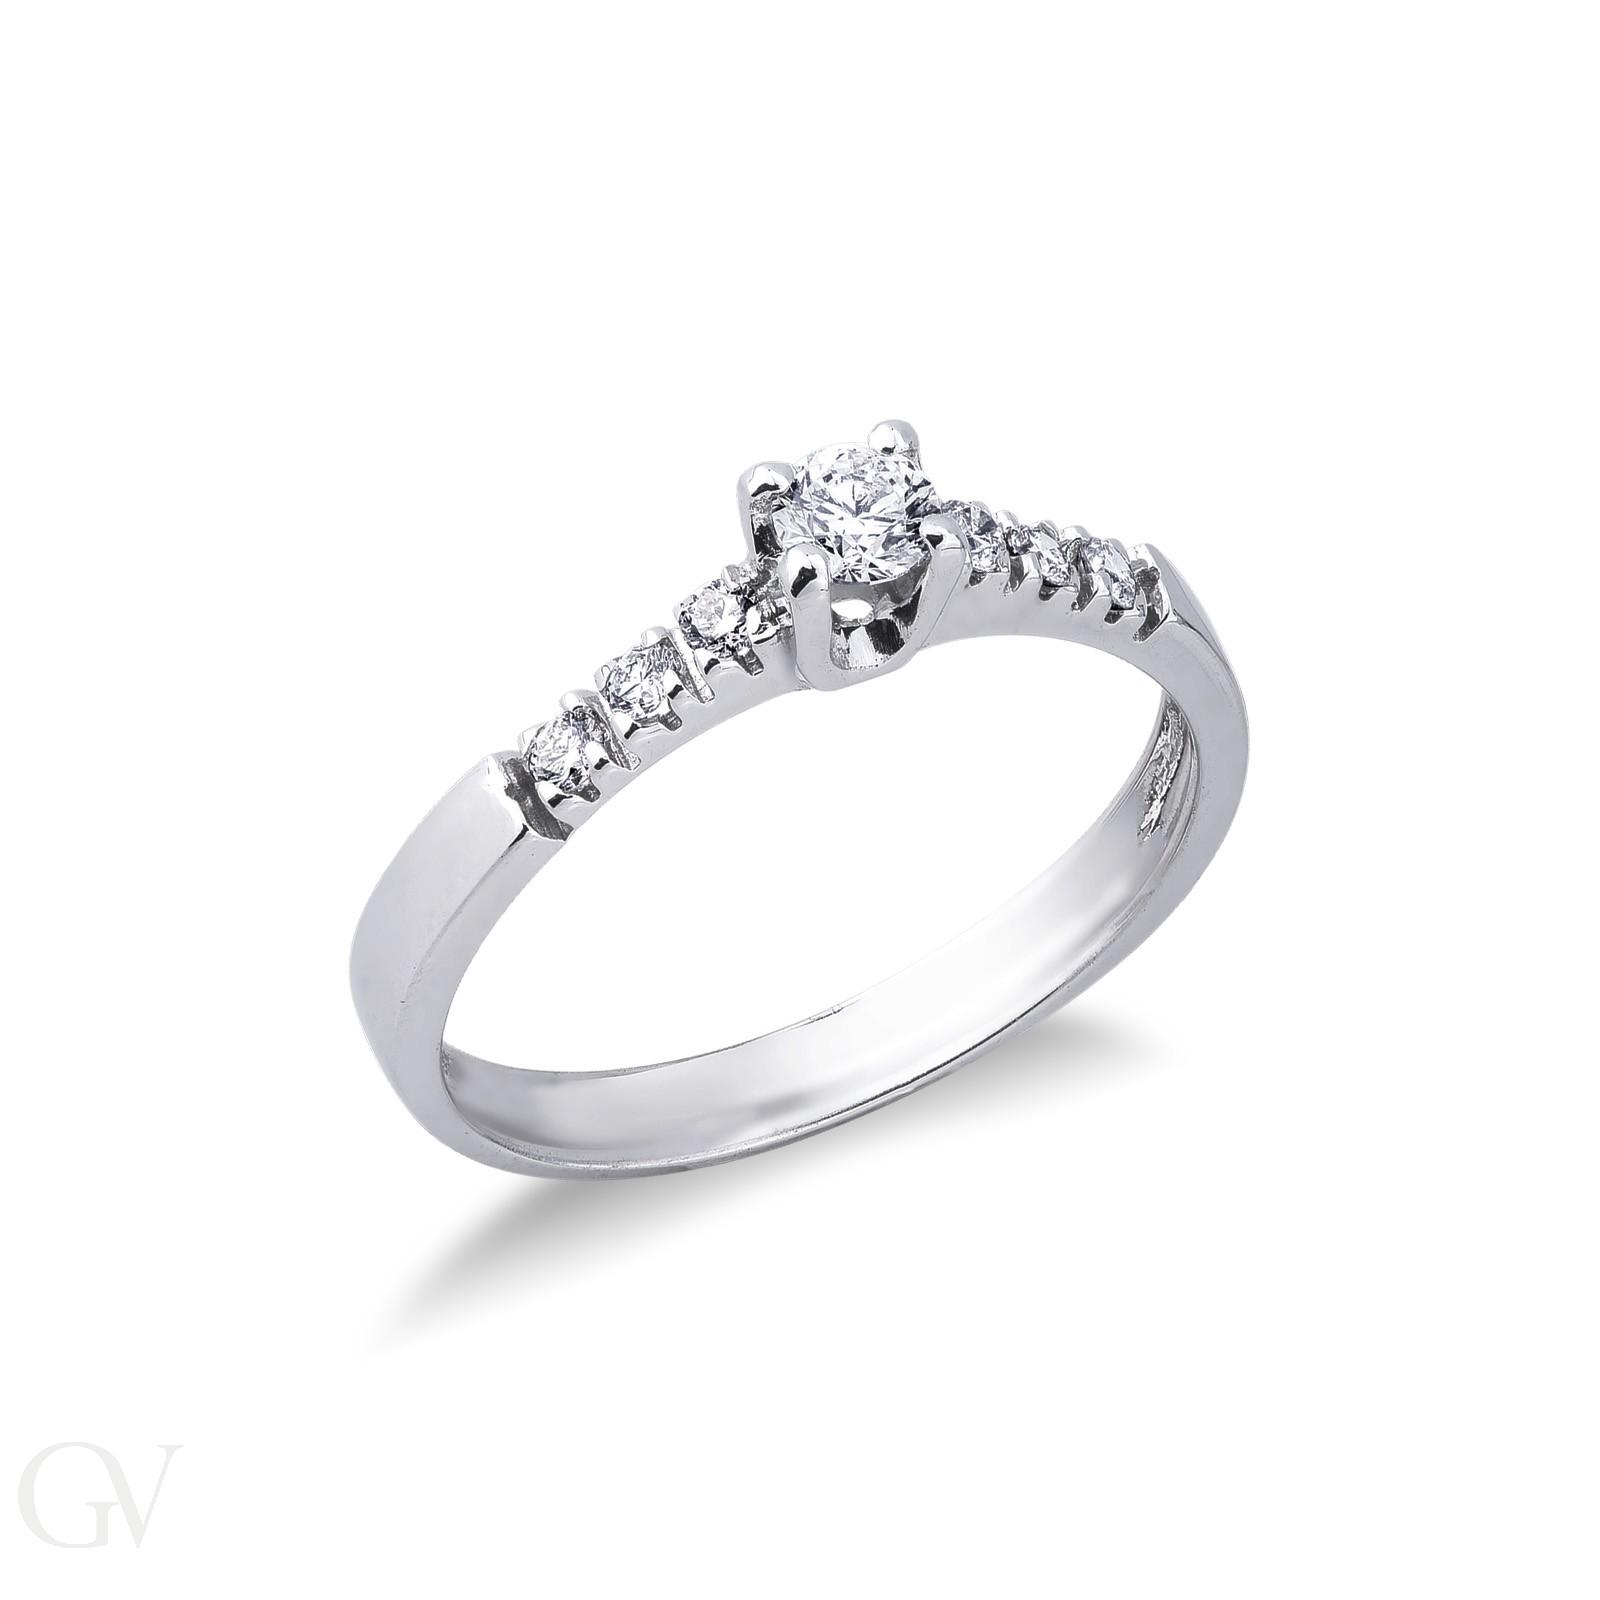 Anello in oro bianco 18k con diamanti stile solitario